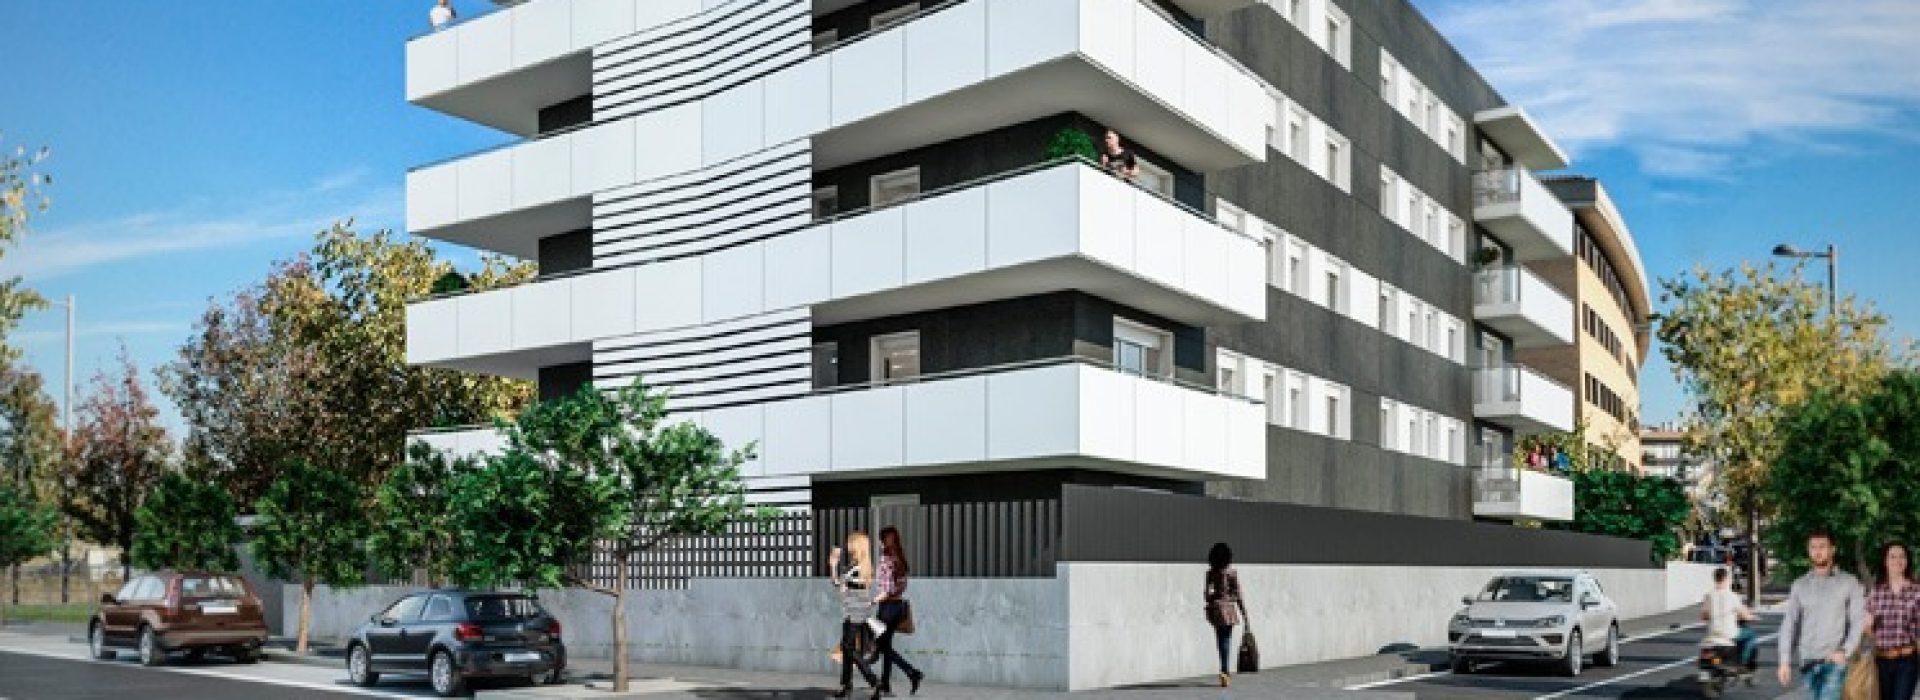 les-terrasses-de-vullpalleres01